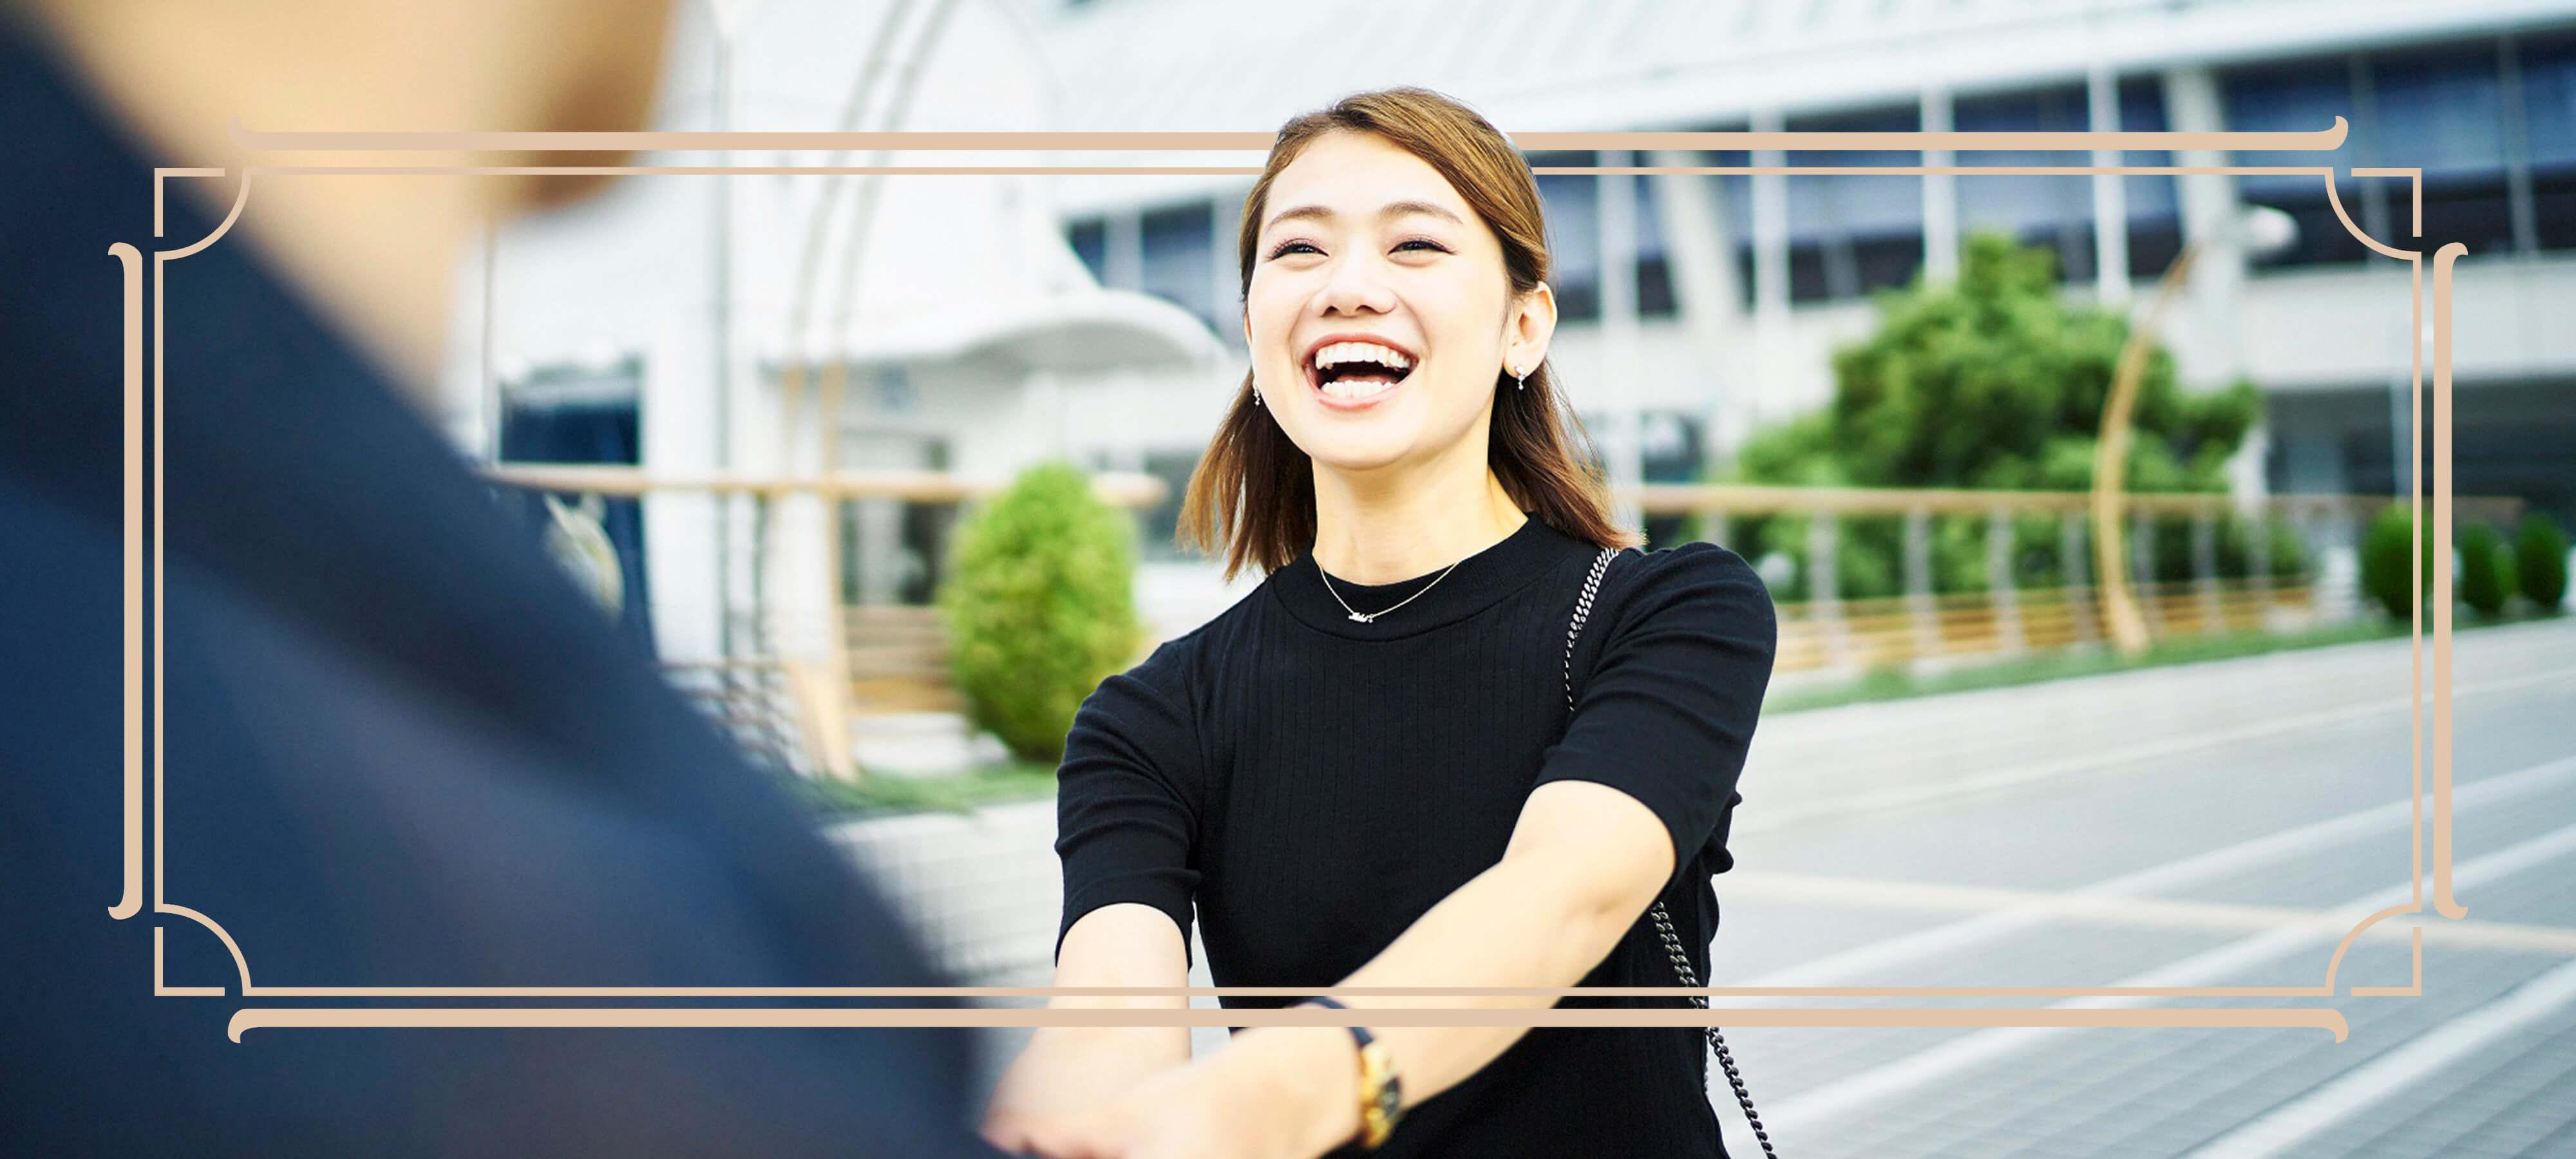 札幌 結婚相談所 婚活